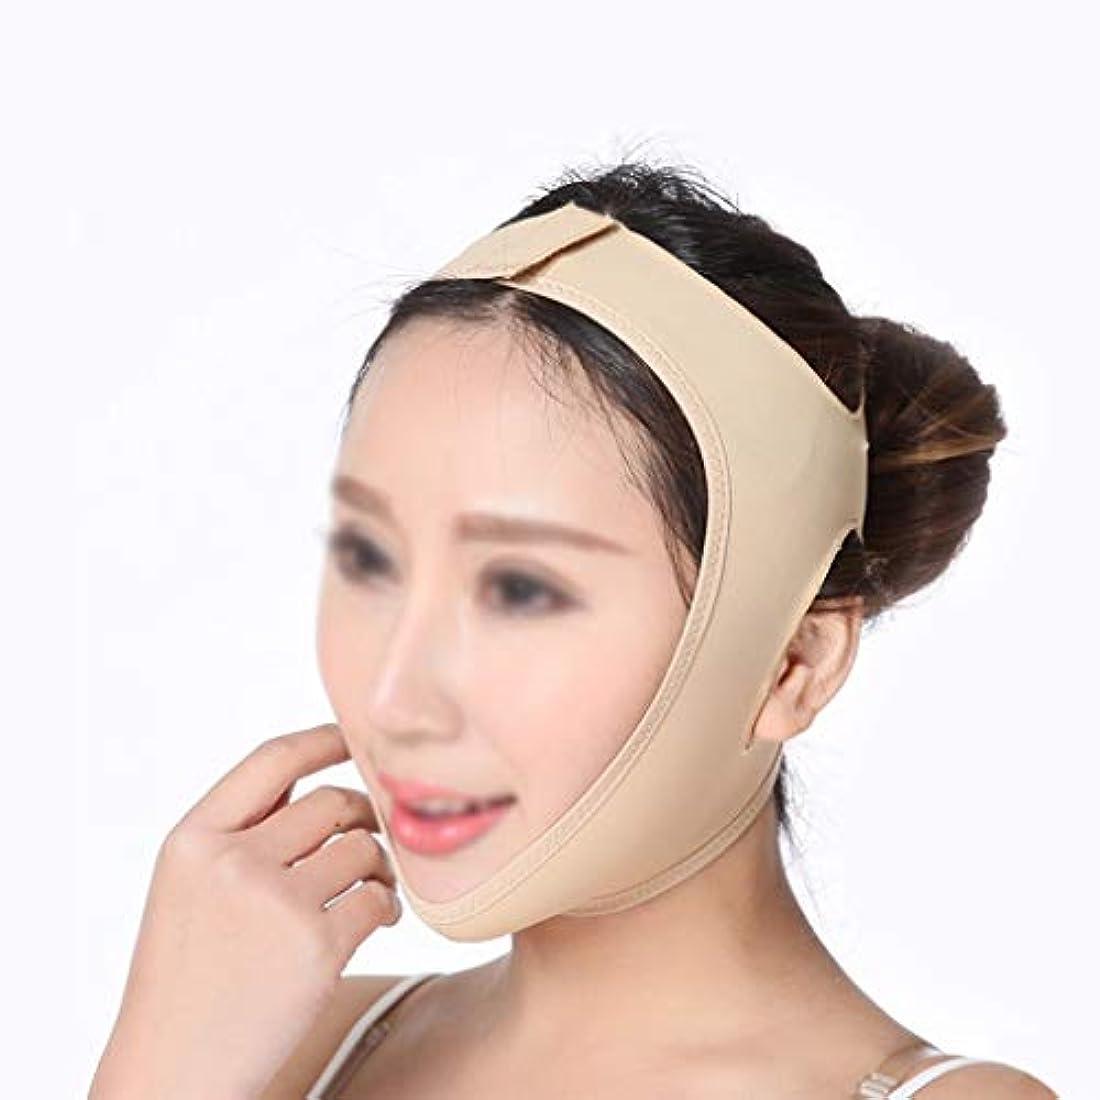 運動する刺します麻酔薬XHLMRMJ フェイシャルチークリフティングマスク、ダブルチンとフェイス、フェイスリフト包帯を効果的に改善、ダブルチン を減らす (Size : L)